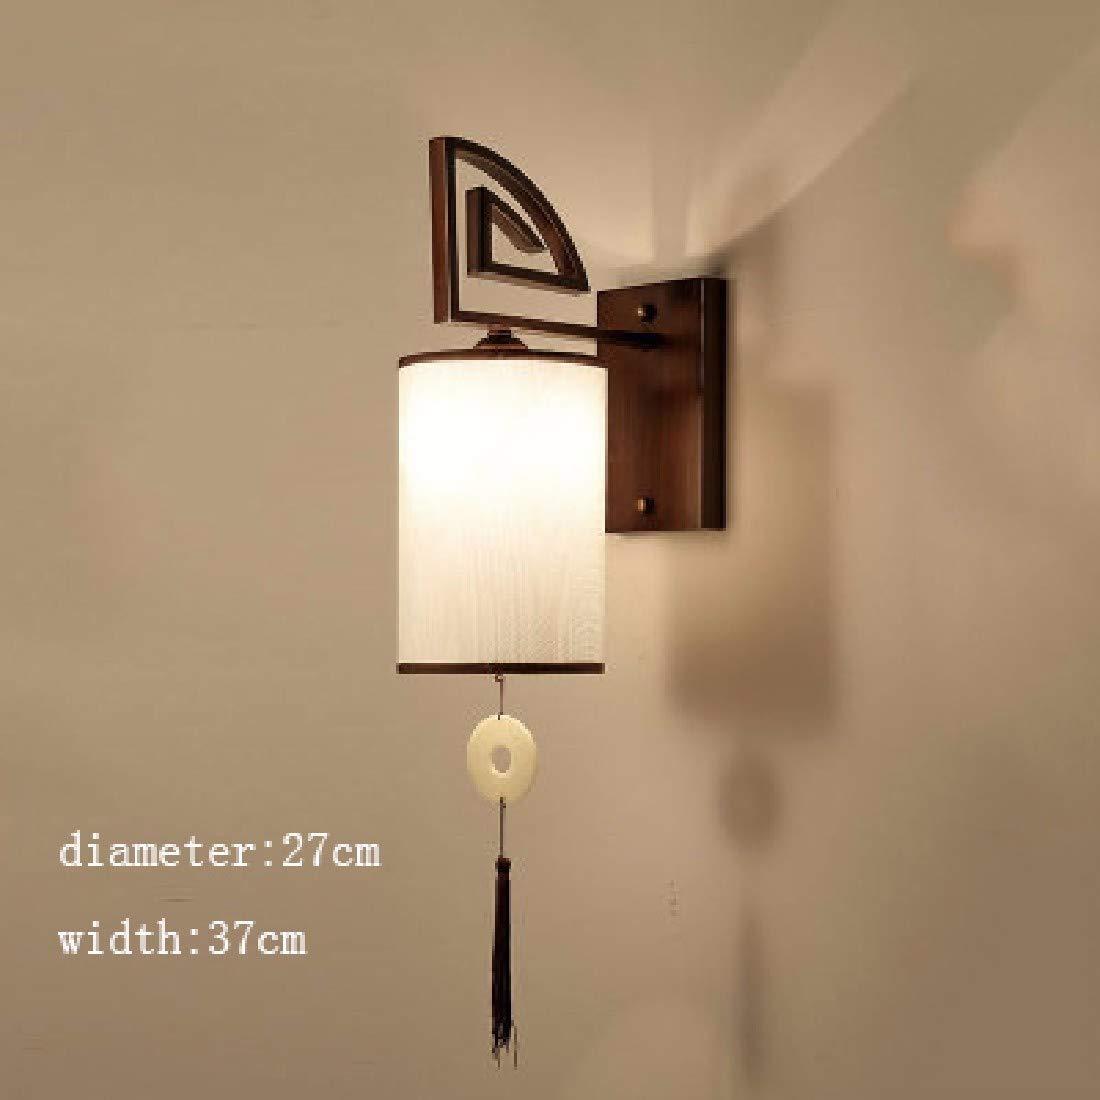 Irinay Wandlampe Loft Amerikanischen Lampe Licht Minimalistischen Vintage Holz Kunst Laterne Kaffee Boutiquen Restaurant Bar Glas Wandleuchte Schlafzimmer Wandbeleuchtung Dekorationen Wandlampe Vintag